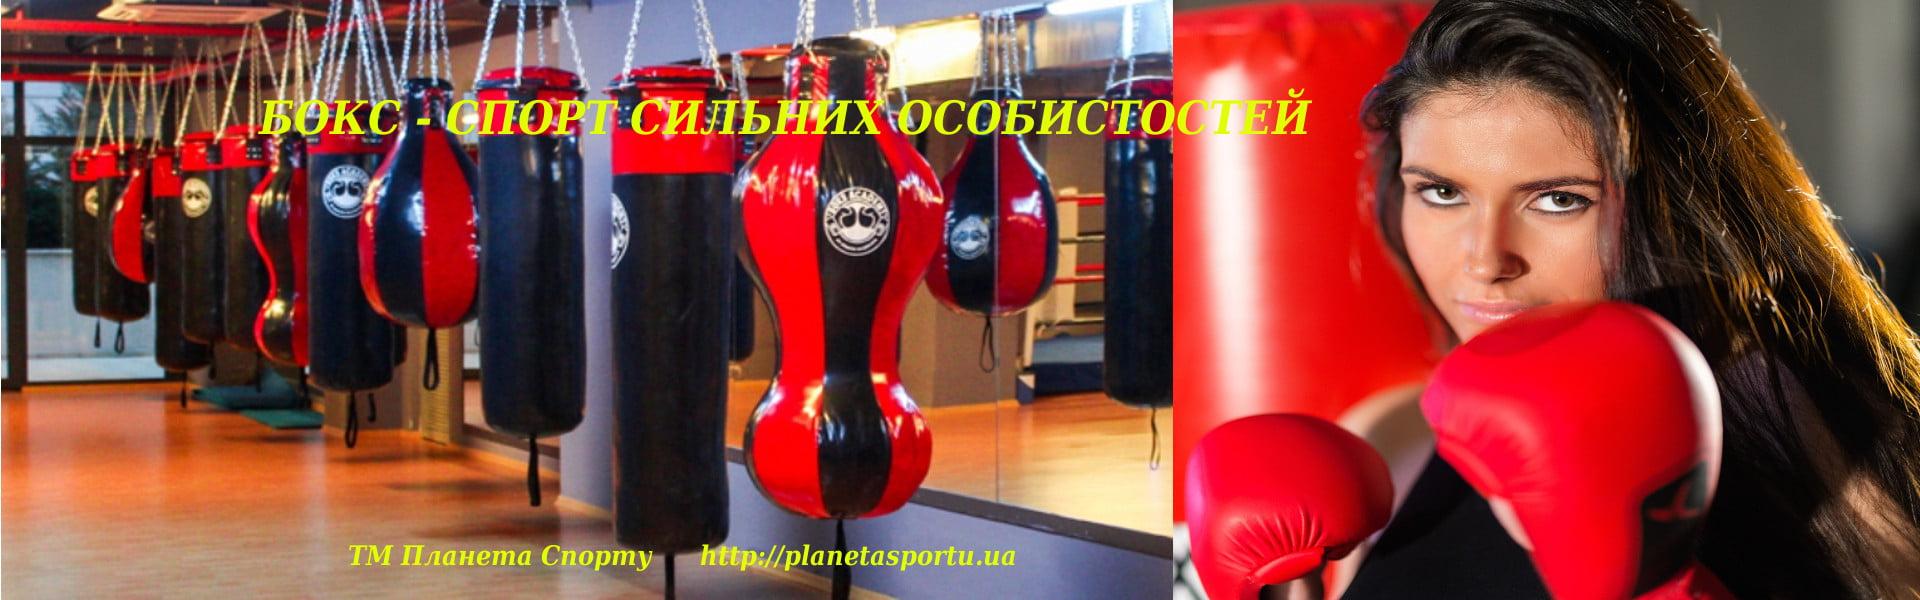 <p>Український виробник екіпірування та обладнання для єдиноборств, оснащення спортивних залів та домашніх спортивних кутків. &nbsp; &nbsp; &nbsp; &nbsp; &nbsp; &nbsp; &nbsp; &nbsp;</p>